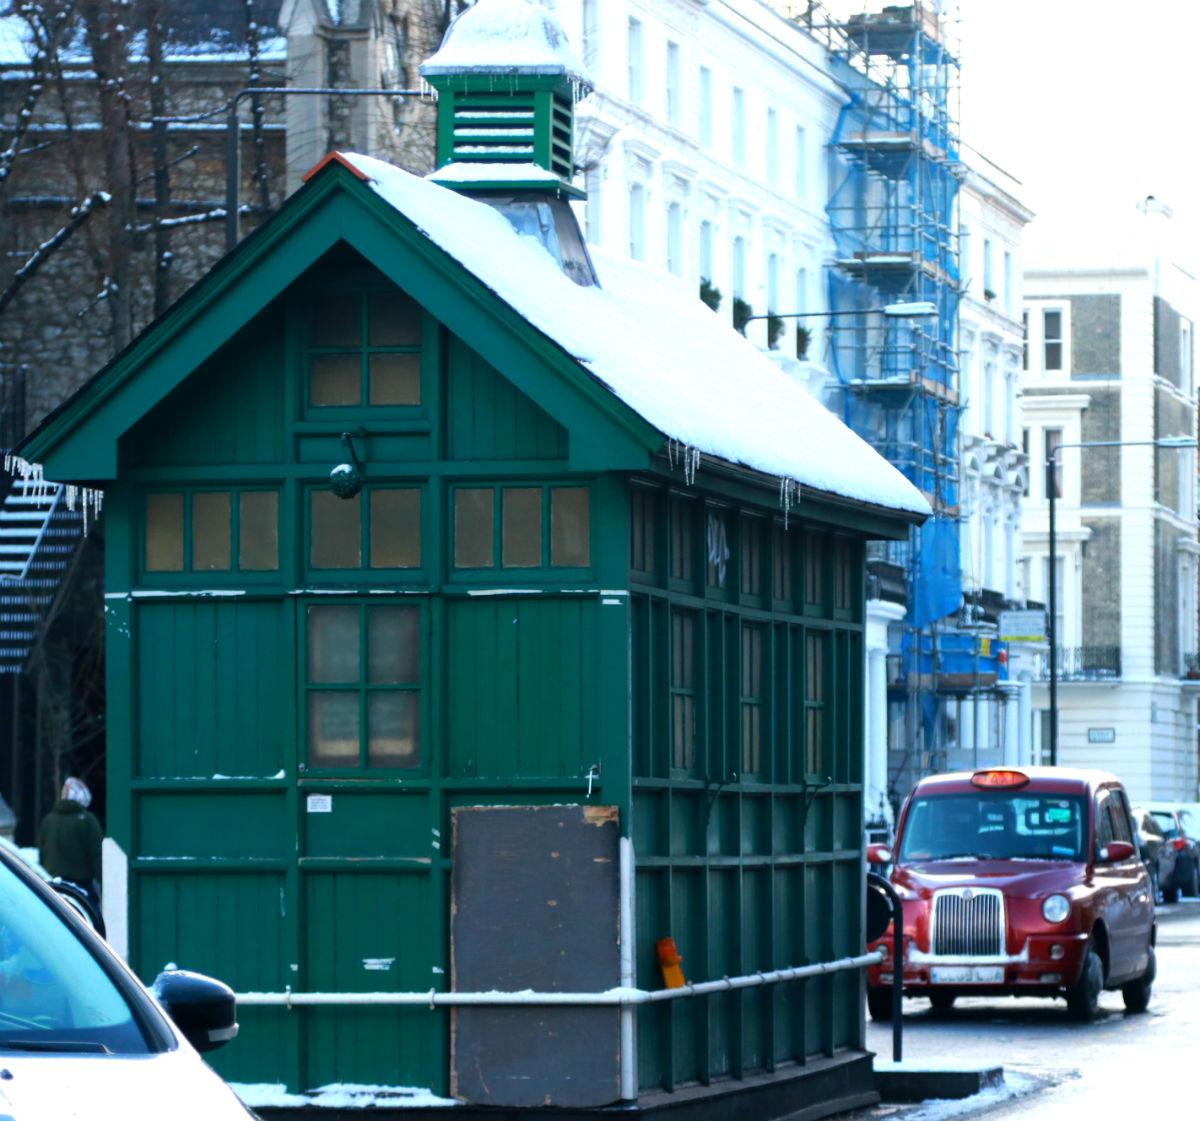 casinha verde de taxusta com tradicional taxi londrino vermelho ao fundo. tudo com neve.